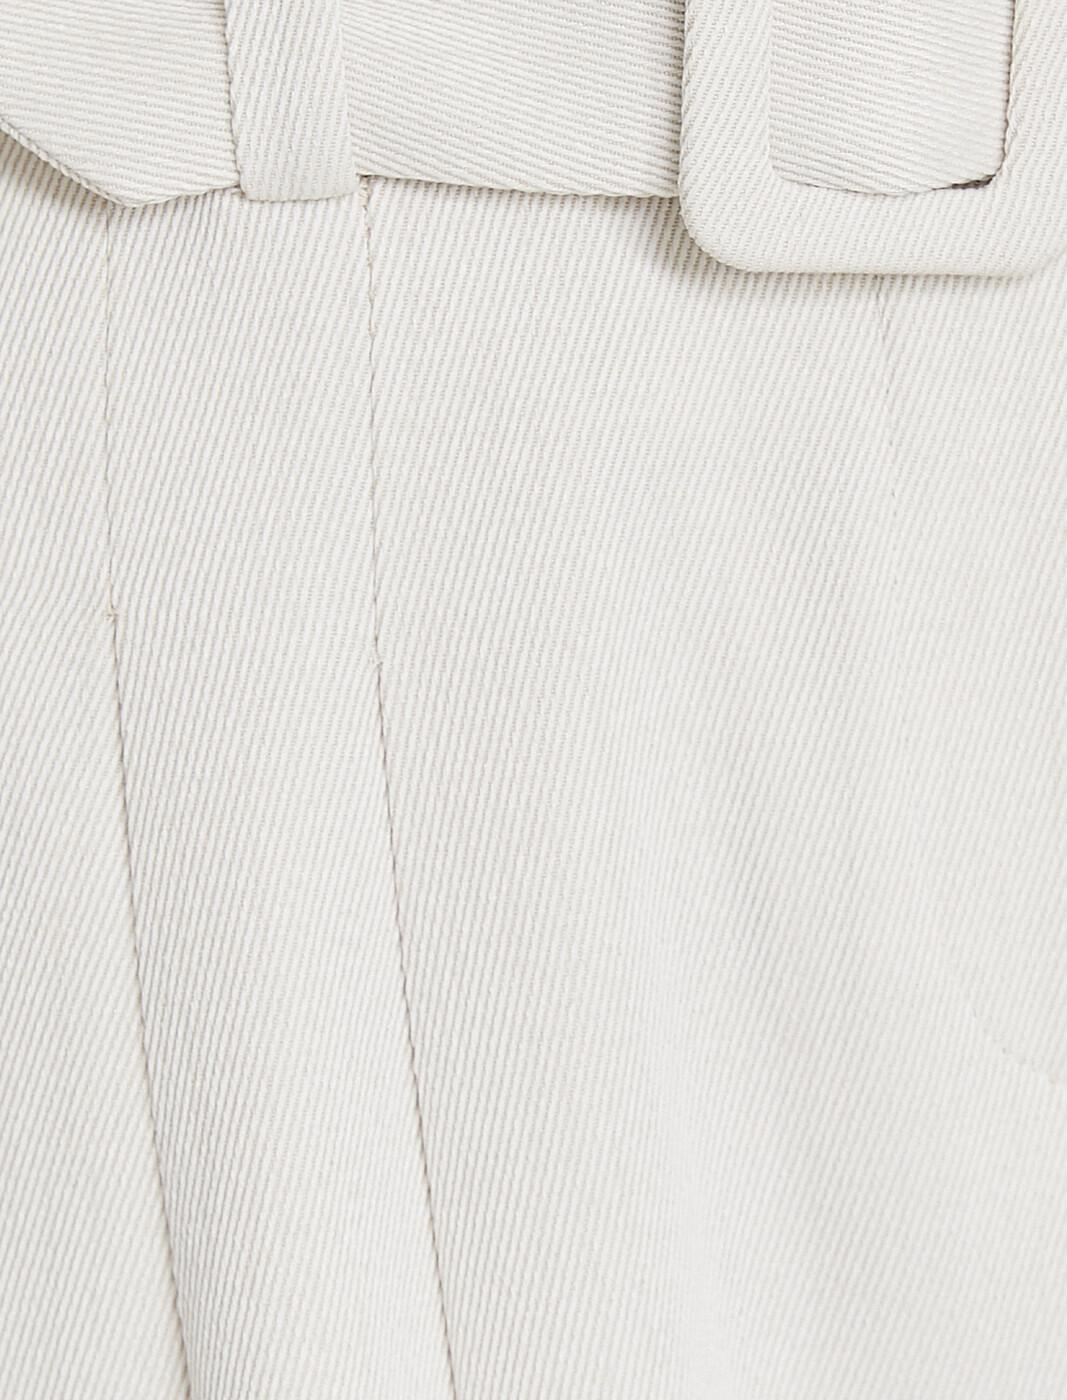 Комплект постельного белья Mona Liza Japanese Feathers, разноцветный, семейный, наволочки 70x70 mona liza mona liza комплект двуспальный евро persia zara